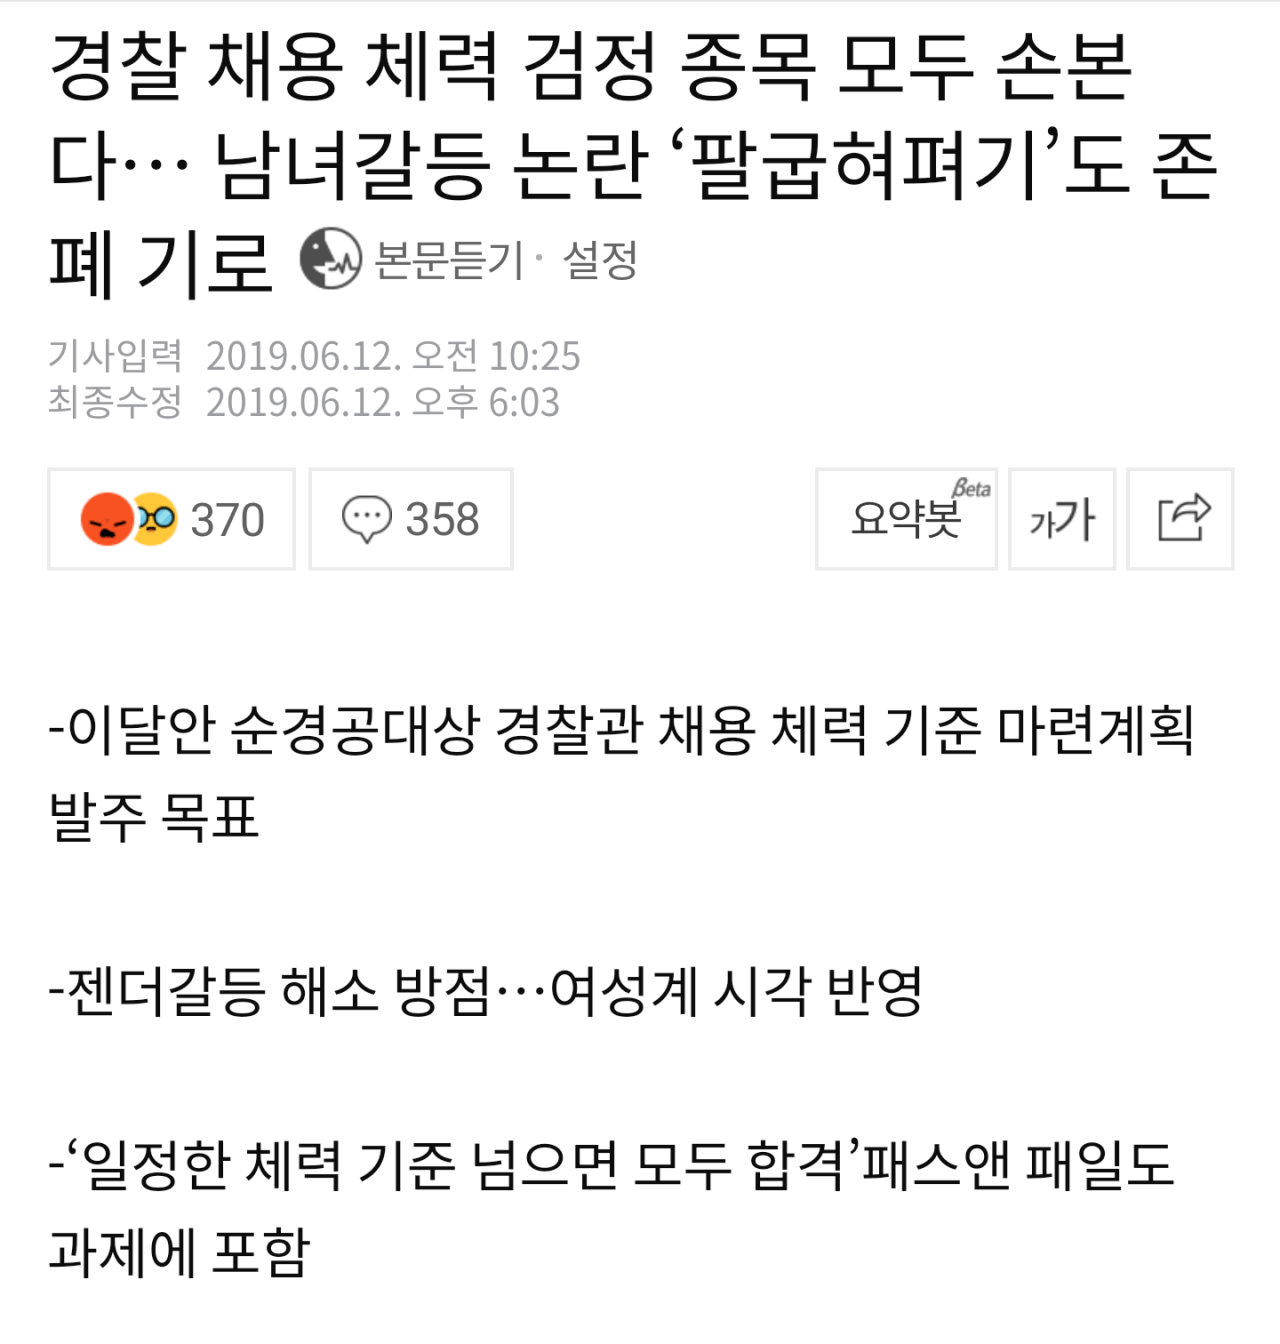 경찰.. 결국 체력 검정 팔굽혀펴기 폐기 논의중.jpg